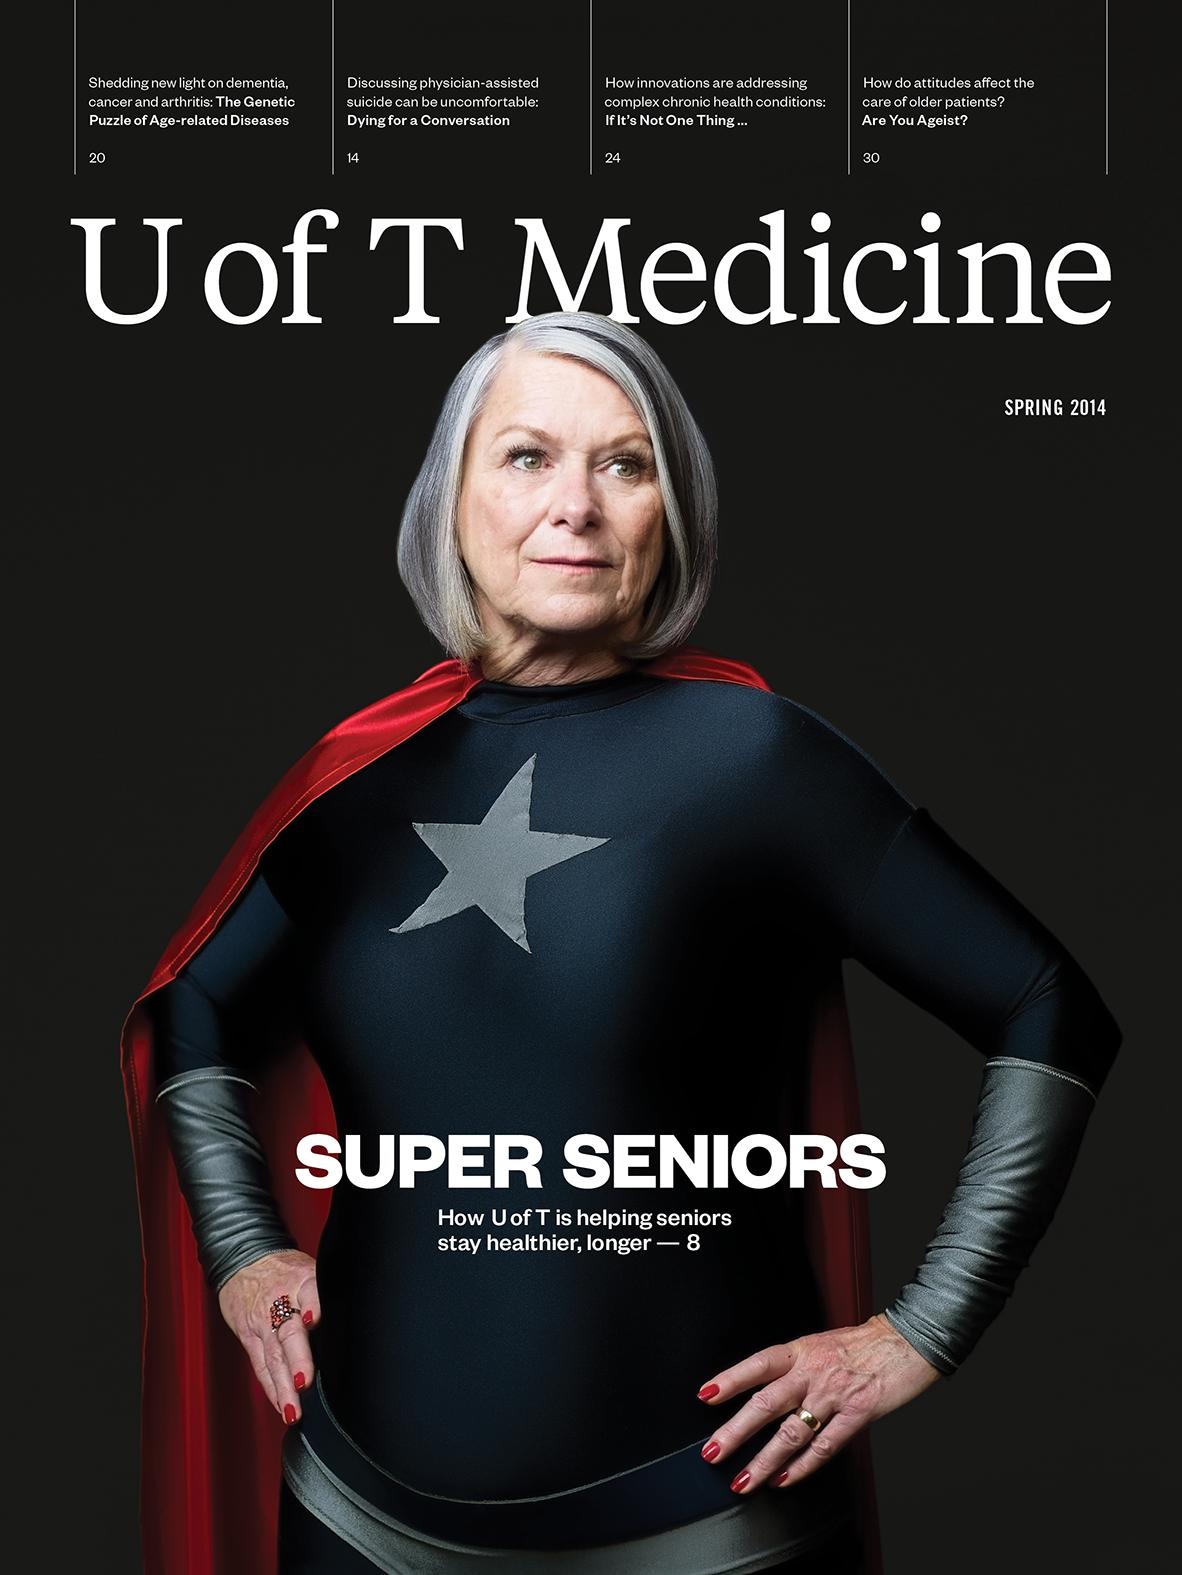 UTMed_Mag_Cover_Super_Seniors.png